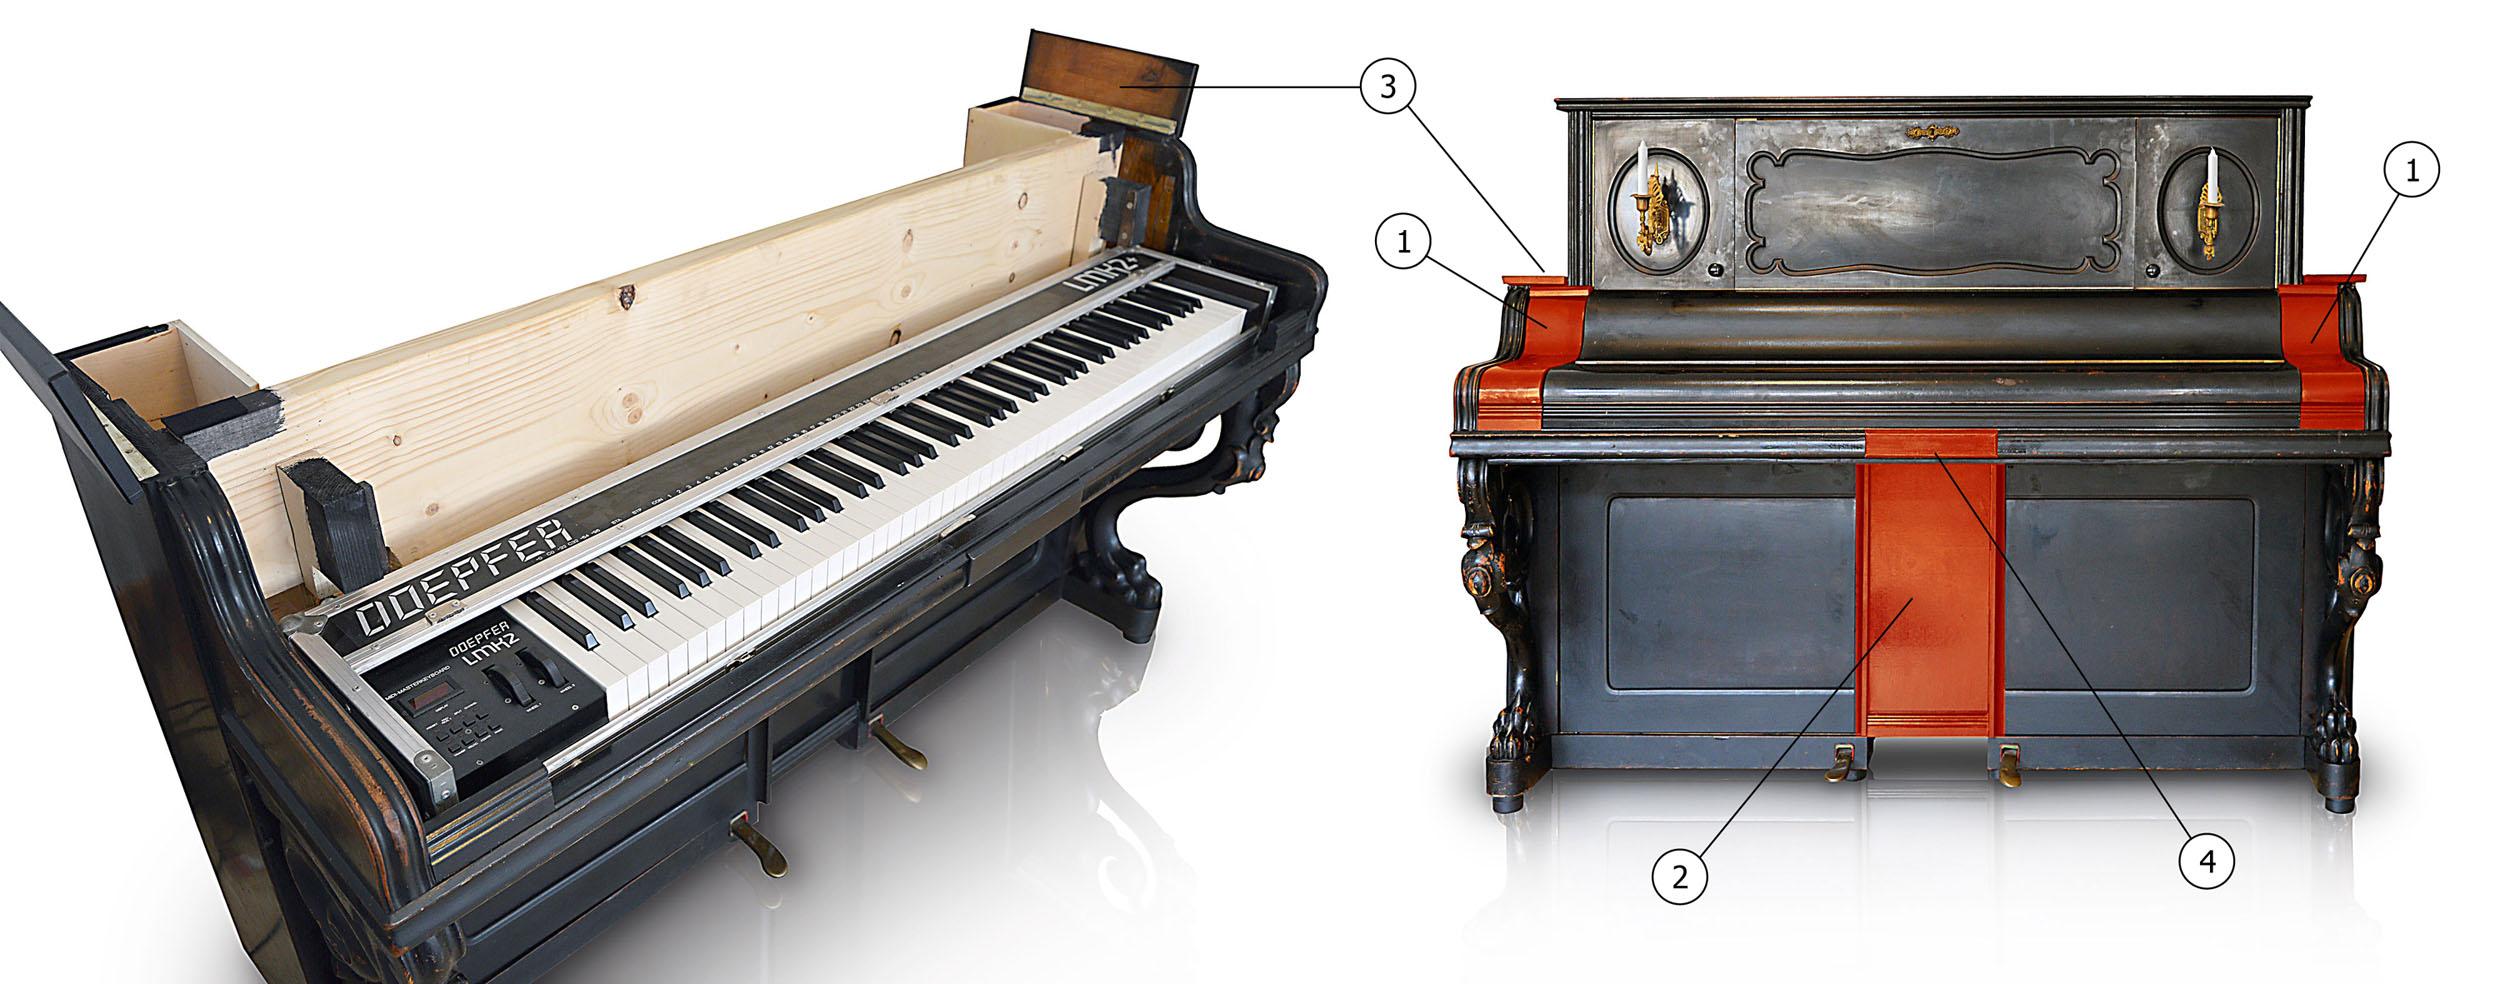 Piano-Möbel-11-beschriftet